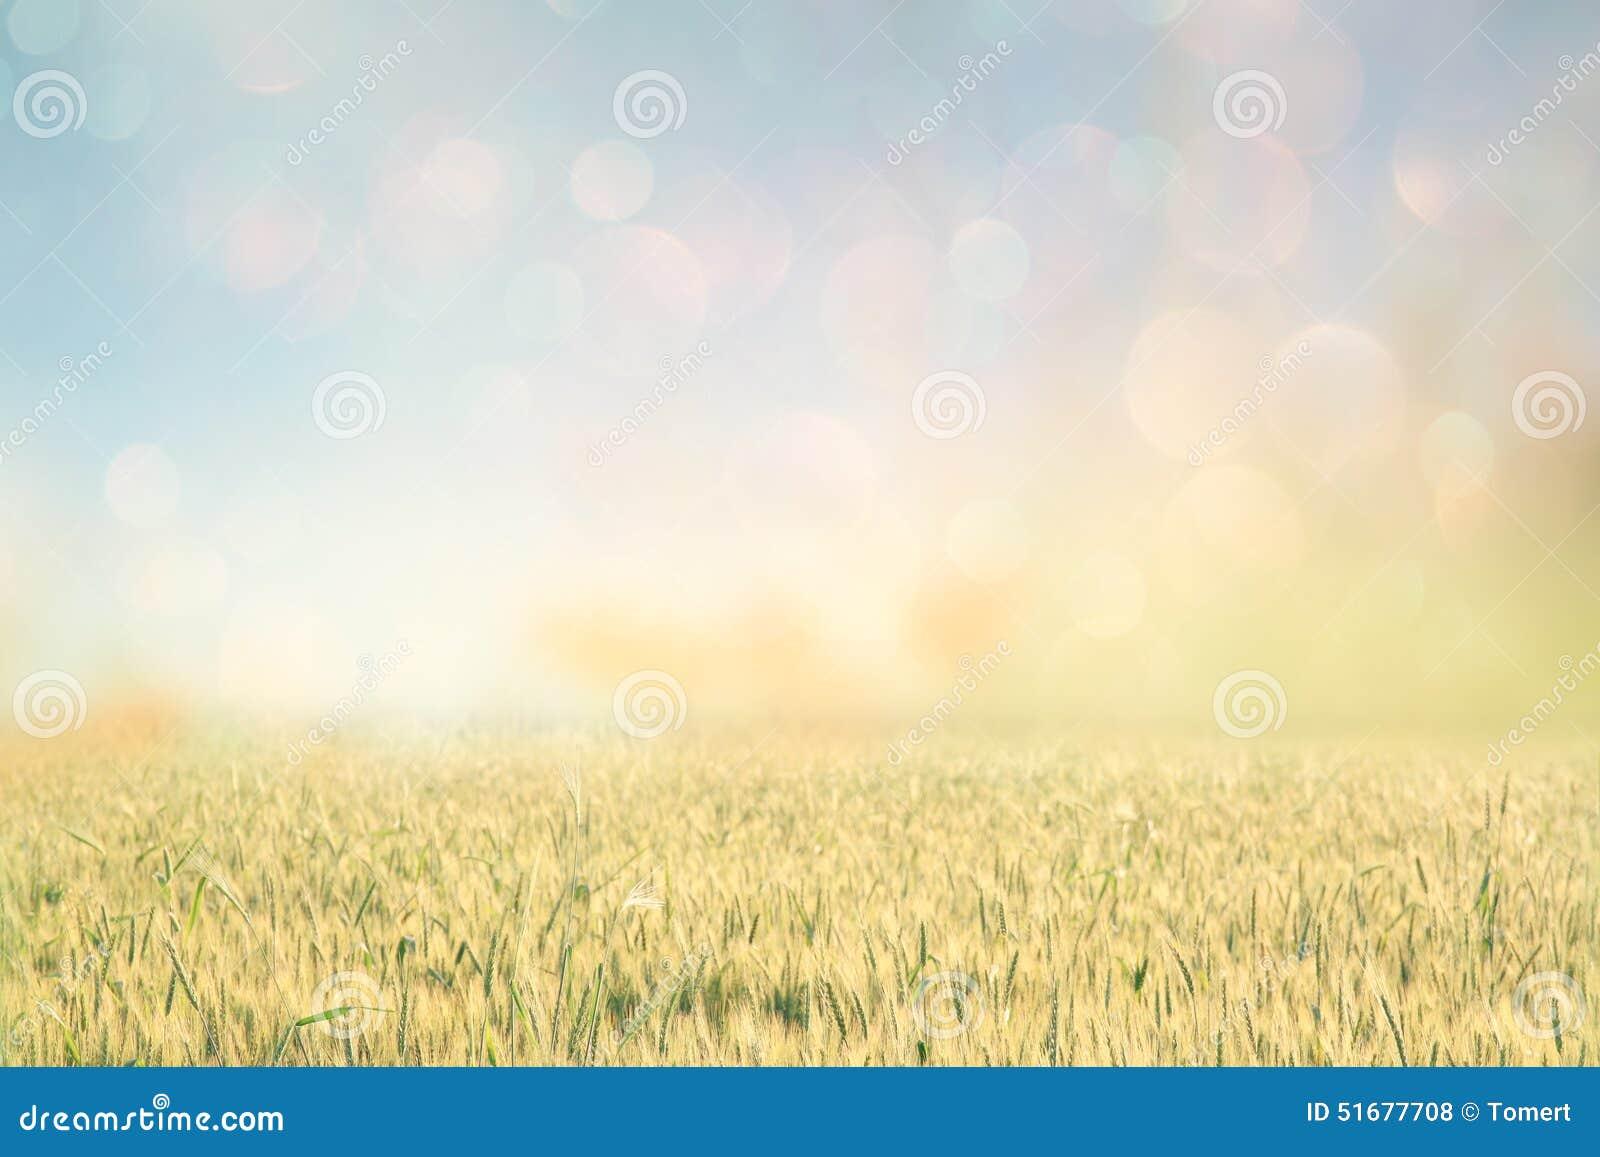 Абстрактное фото пшеничного поля и яркого неба Влияние Instagram